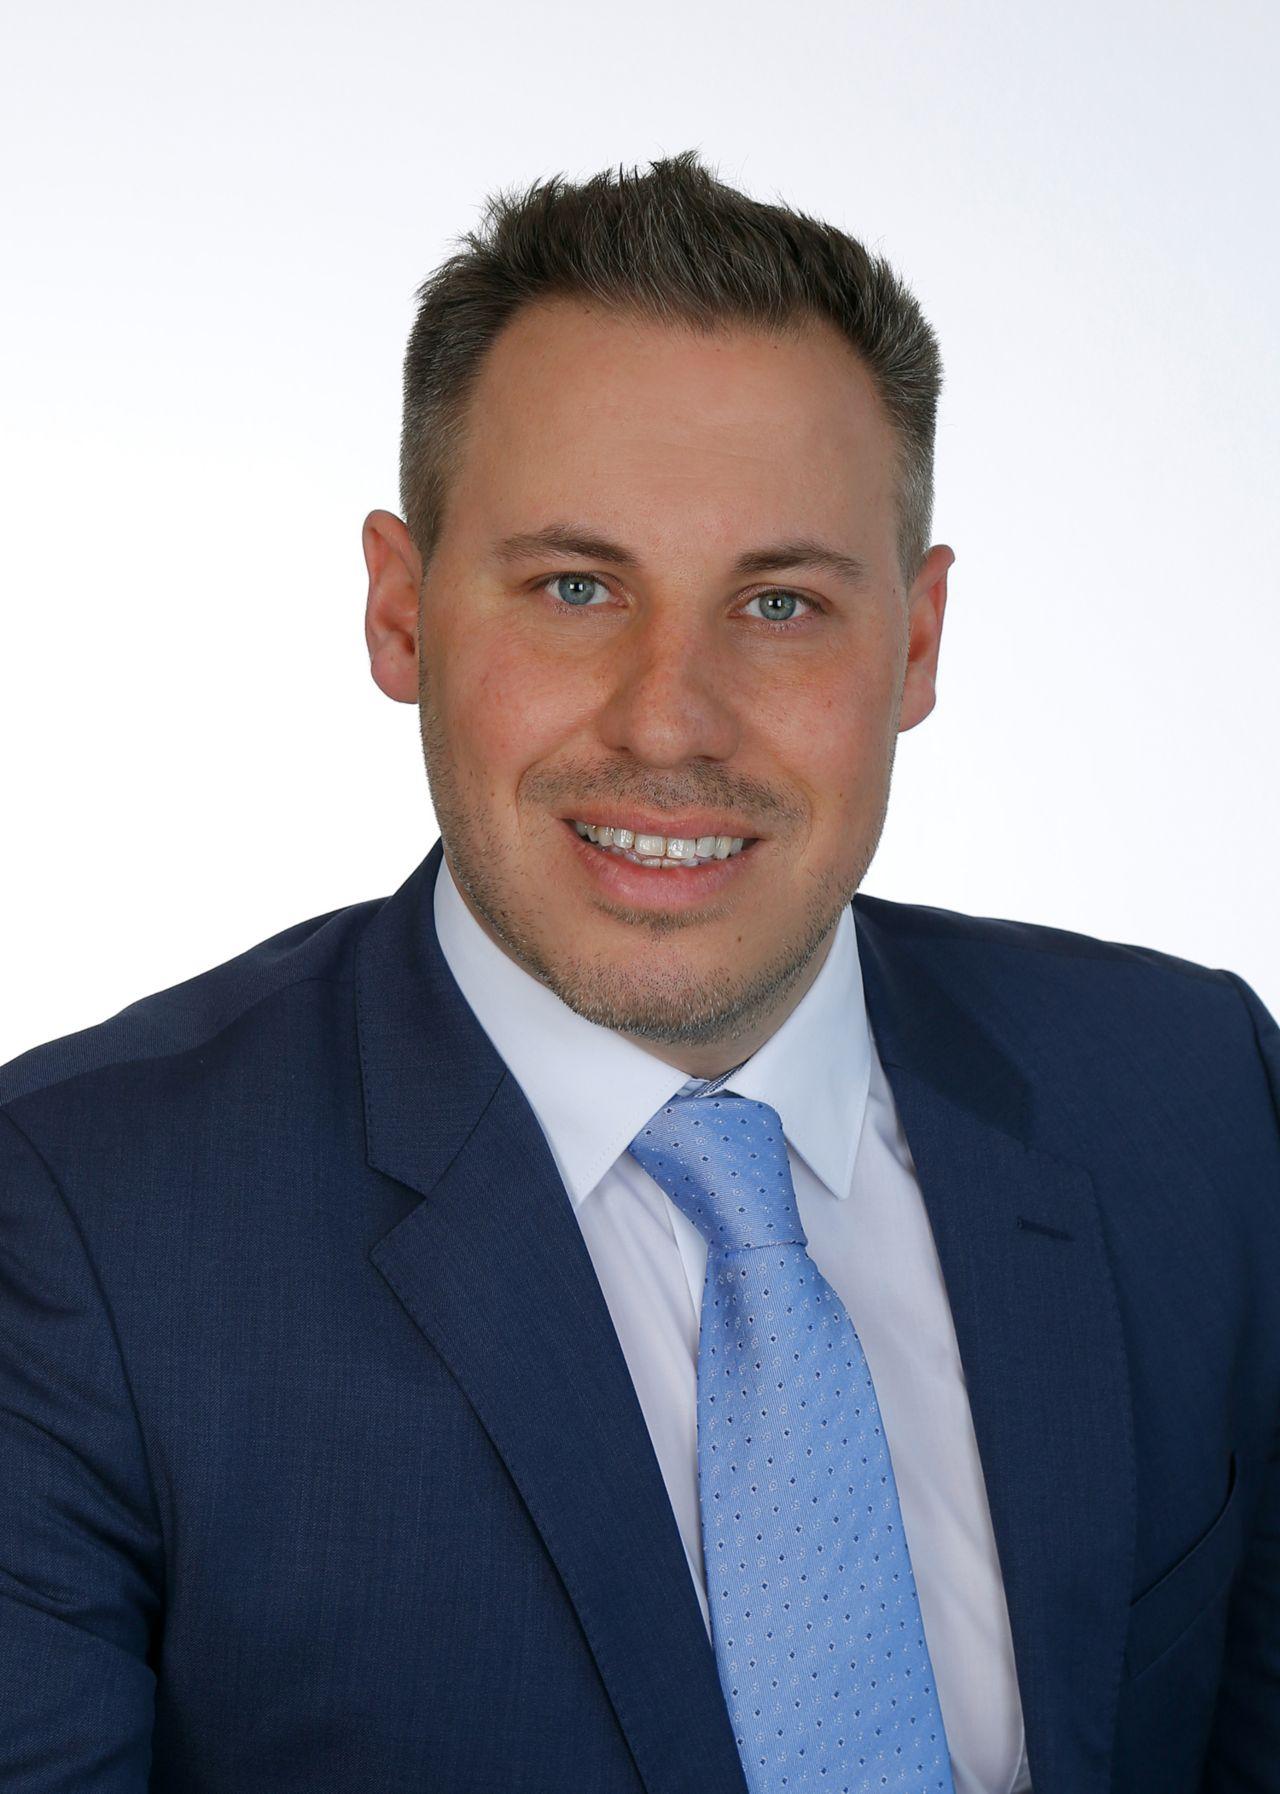 Paul Solczykiewicz